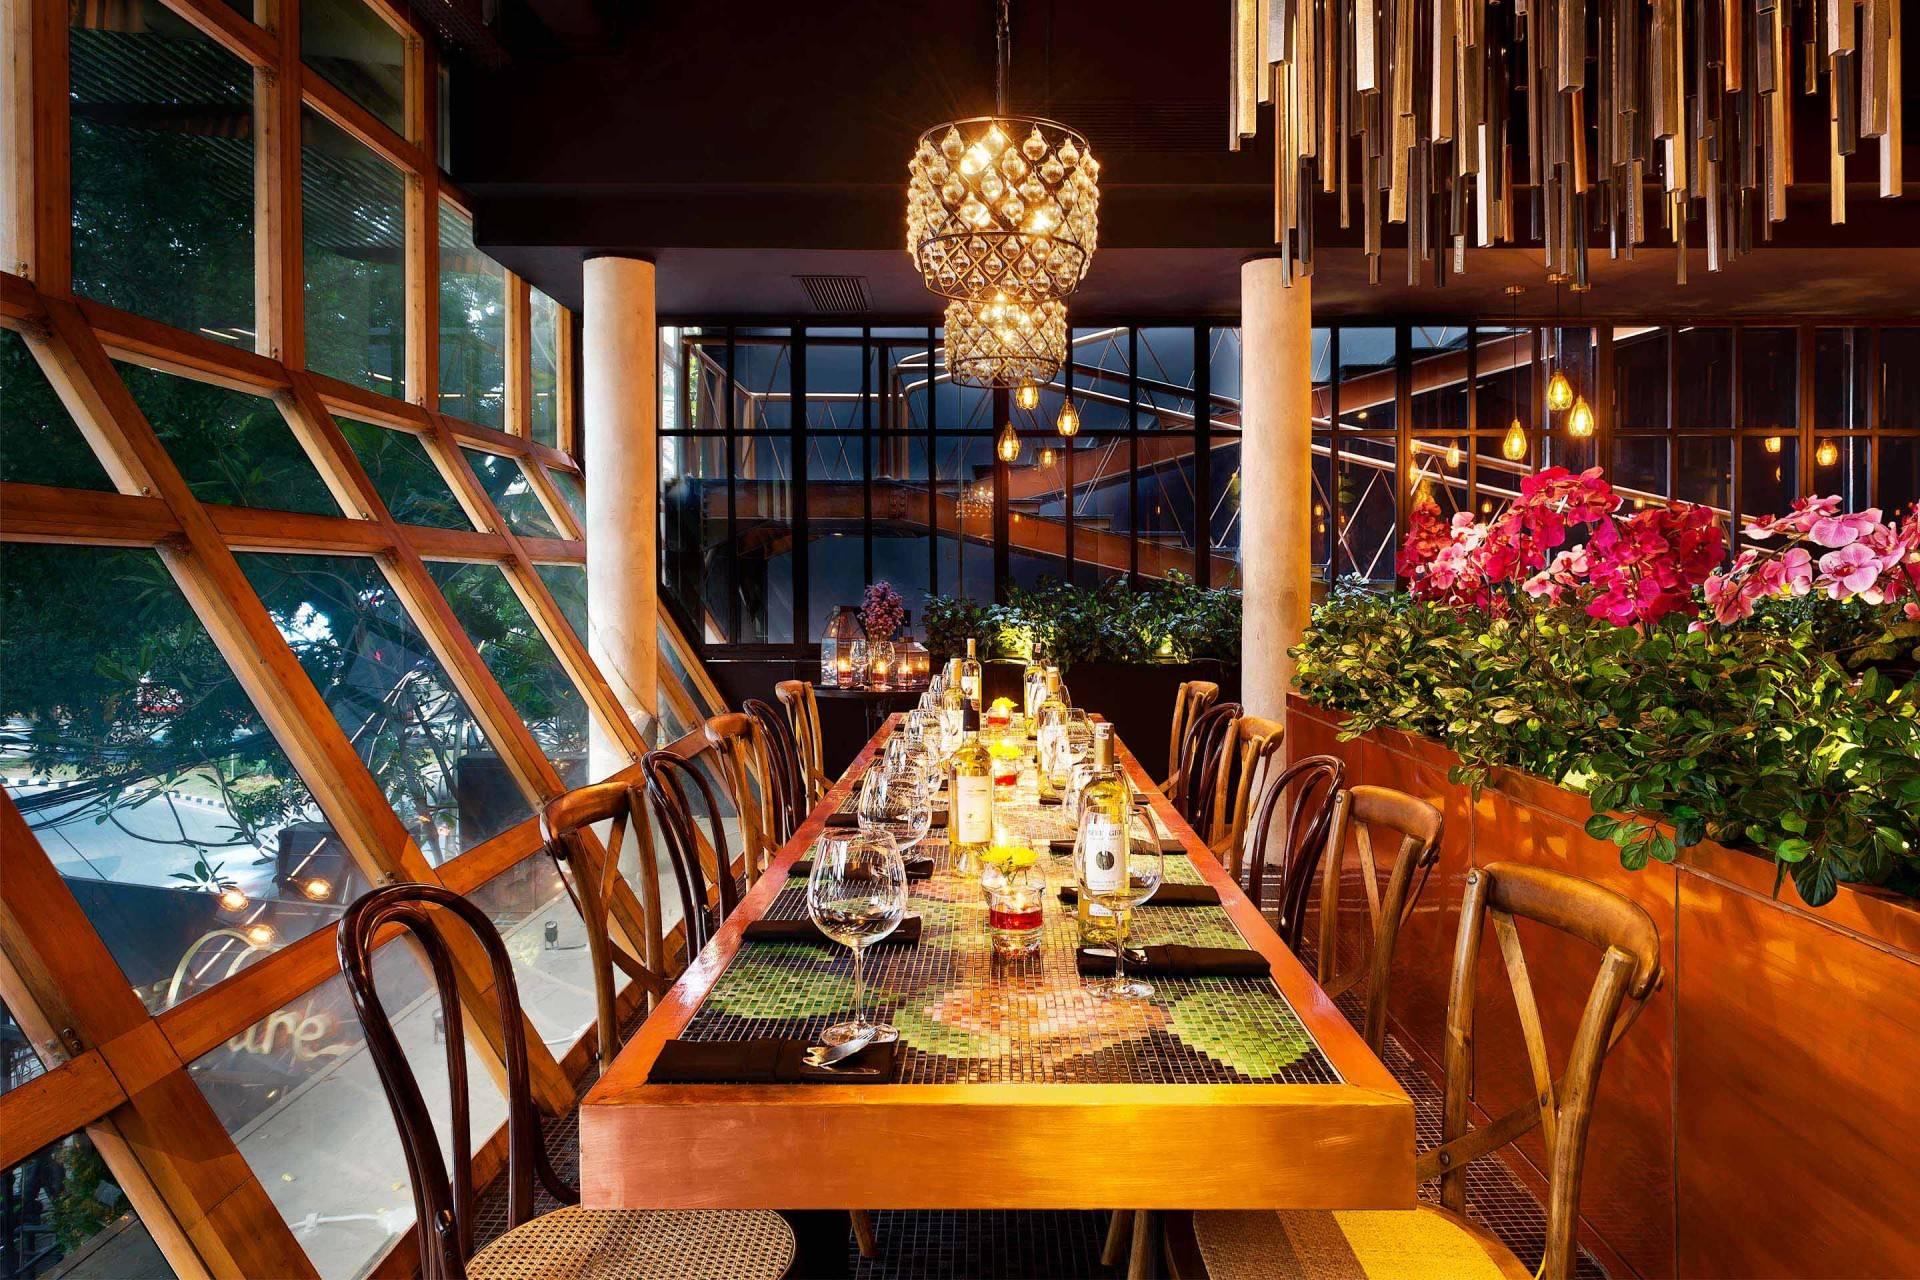 Leo Einstein Fransiscus Wilshire Restaurant Jakarta Senopati 64 - Jakarta Senopati 64 - Jakarta Seating Area Interior View Klasik  7624